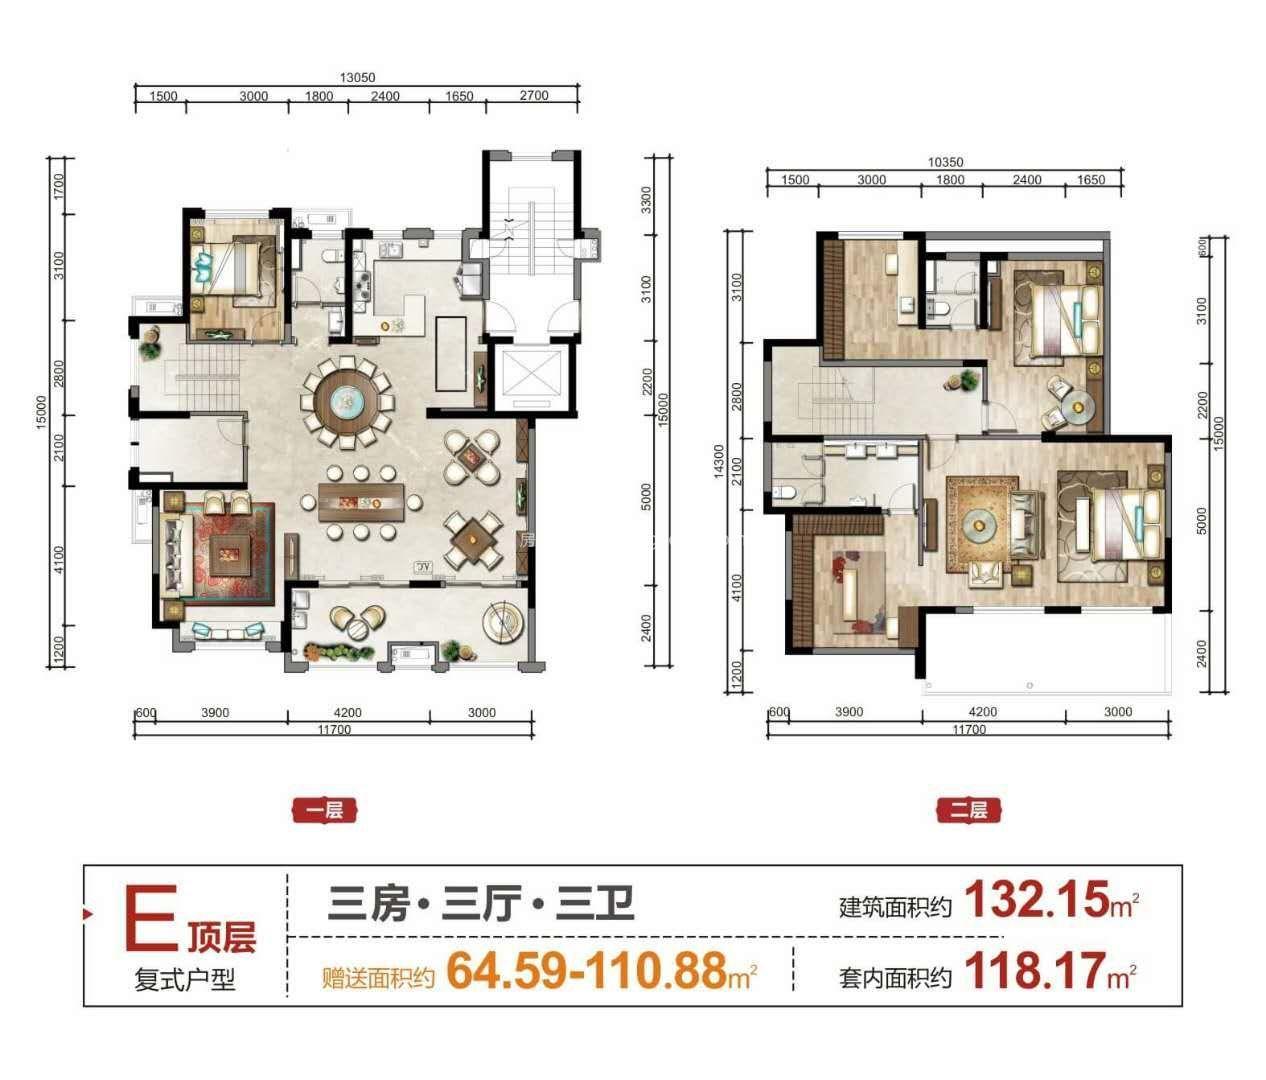 开维生态城 E顶层复式户型 3室3厅3卫1厨 建面132.15㎡